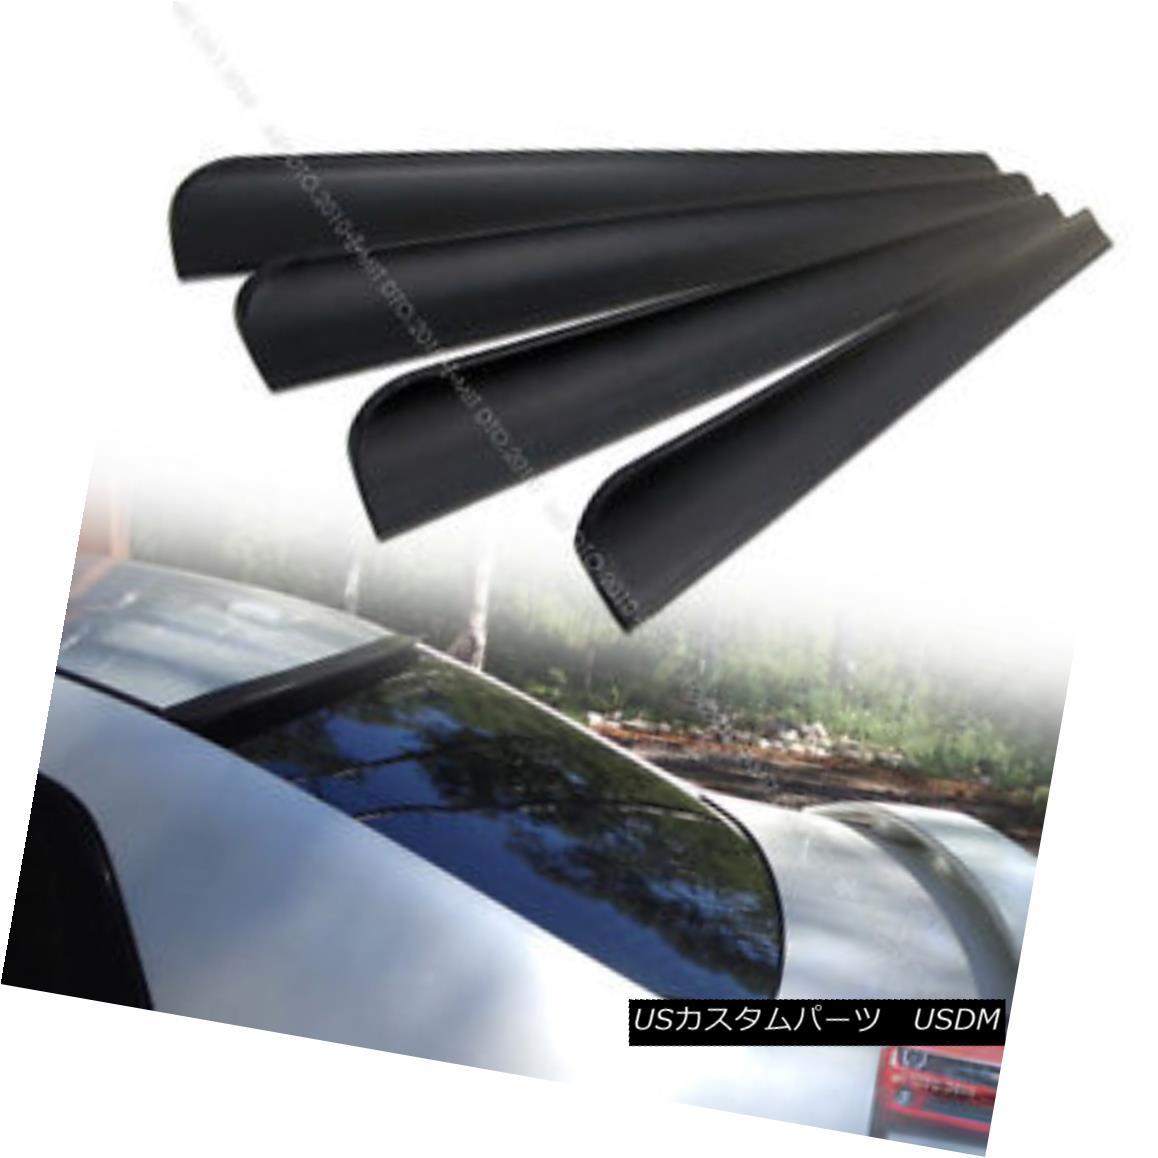 エアロパーツ UNPAINTED PUF FOR BMW 4-Series F36 Gran Coupe Rear Roof Spoiler Wing 420i 435i § BMW 4シリーズF36グランクーペリアルーフスポイラーウイング420i 435i UN用無地PUF